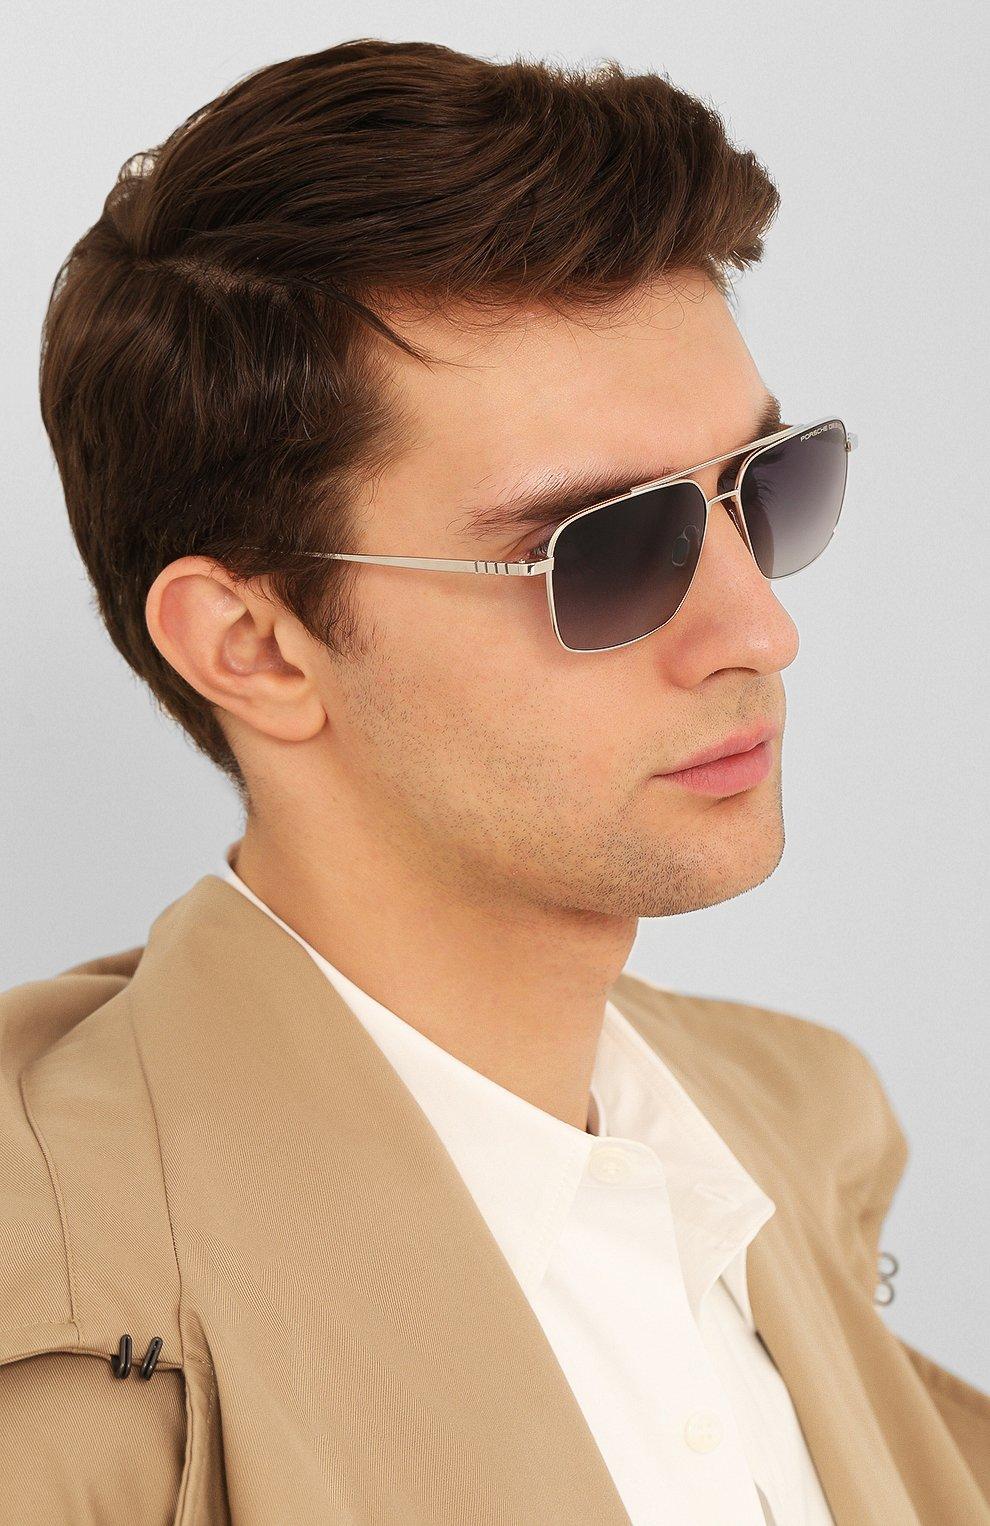 Мужские солнцезащитные очки PORSCHE DESIGN серебряного цвета, арт. 8679-C | Фото 2